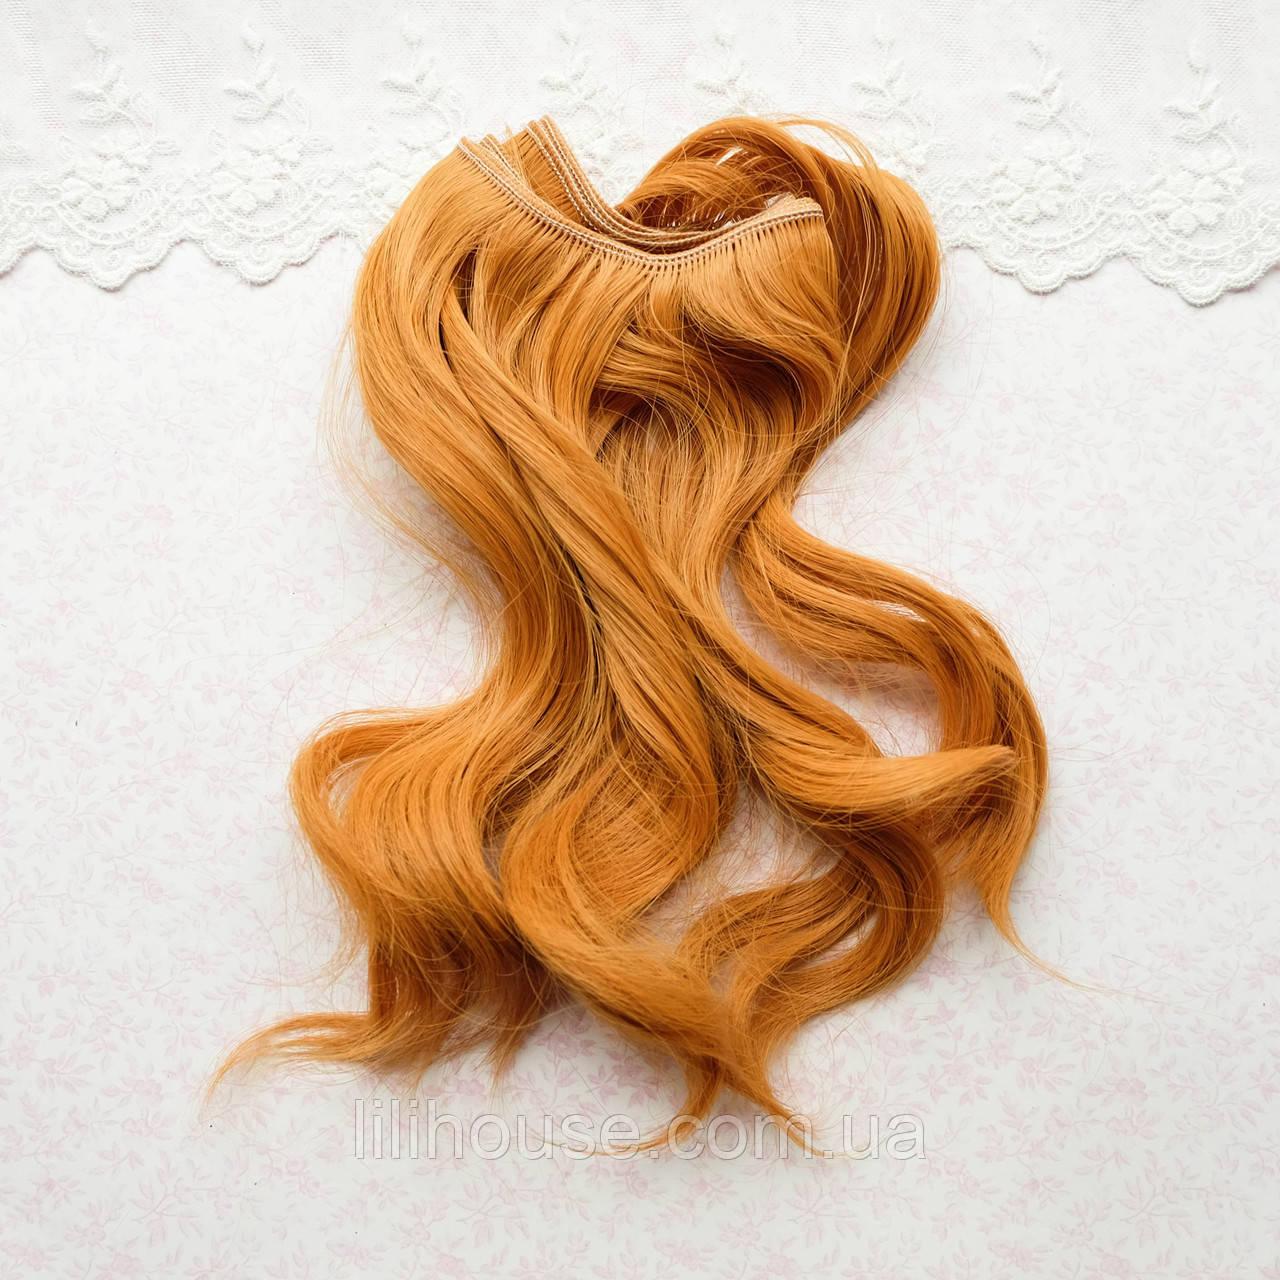 Волосы для Кукол Трессы Крупная Волна КАРАМЕЛЬ 25 см